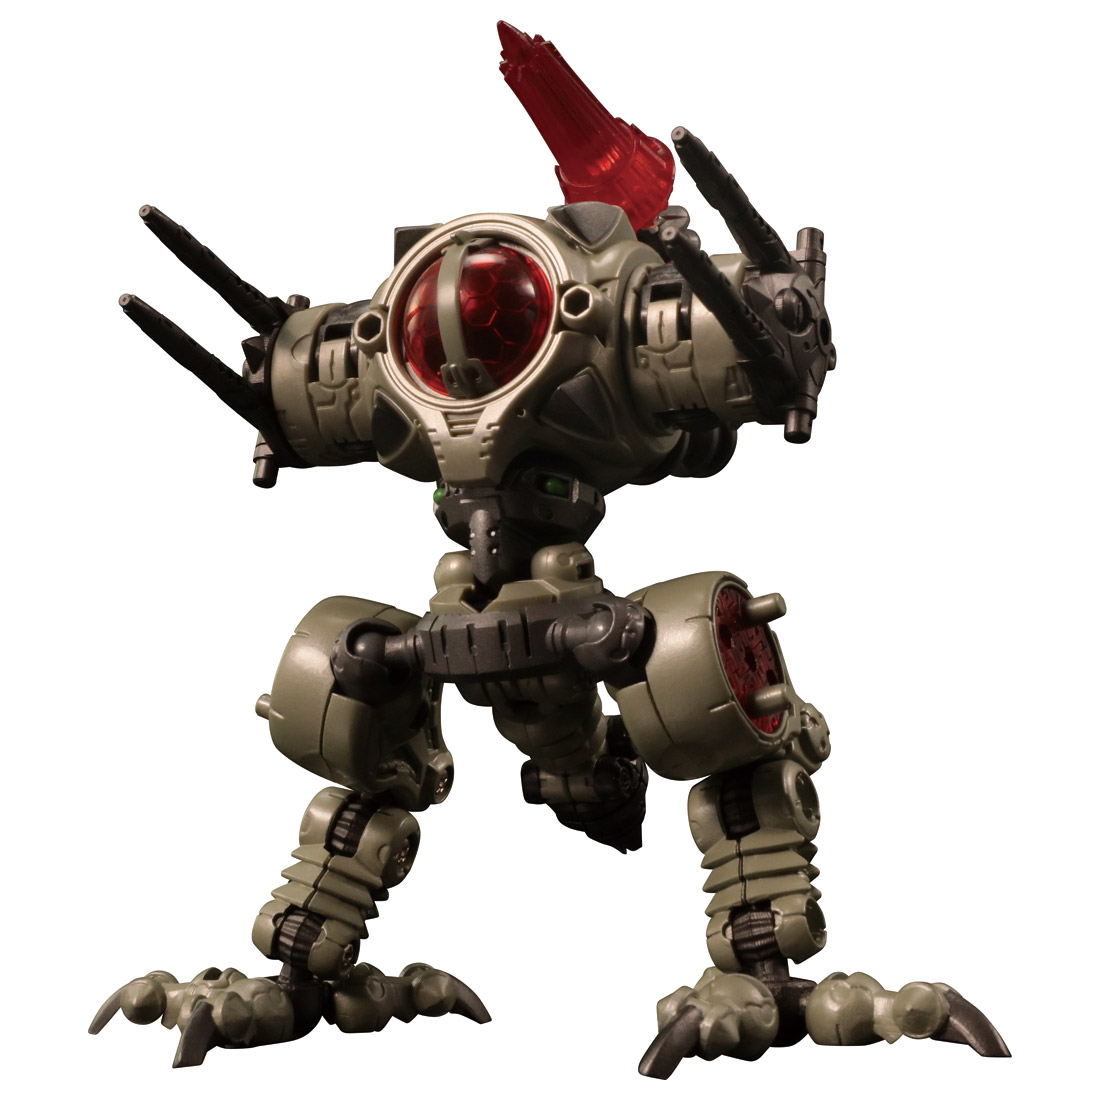 ダイアクロン『DA-31 ワルダレイダー ラプトヘッド』可動フィギュア-006